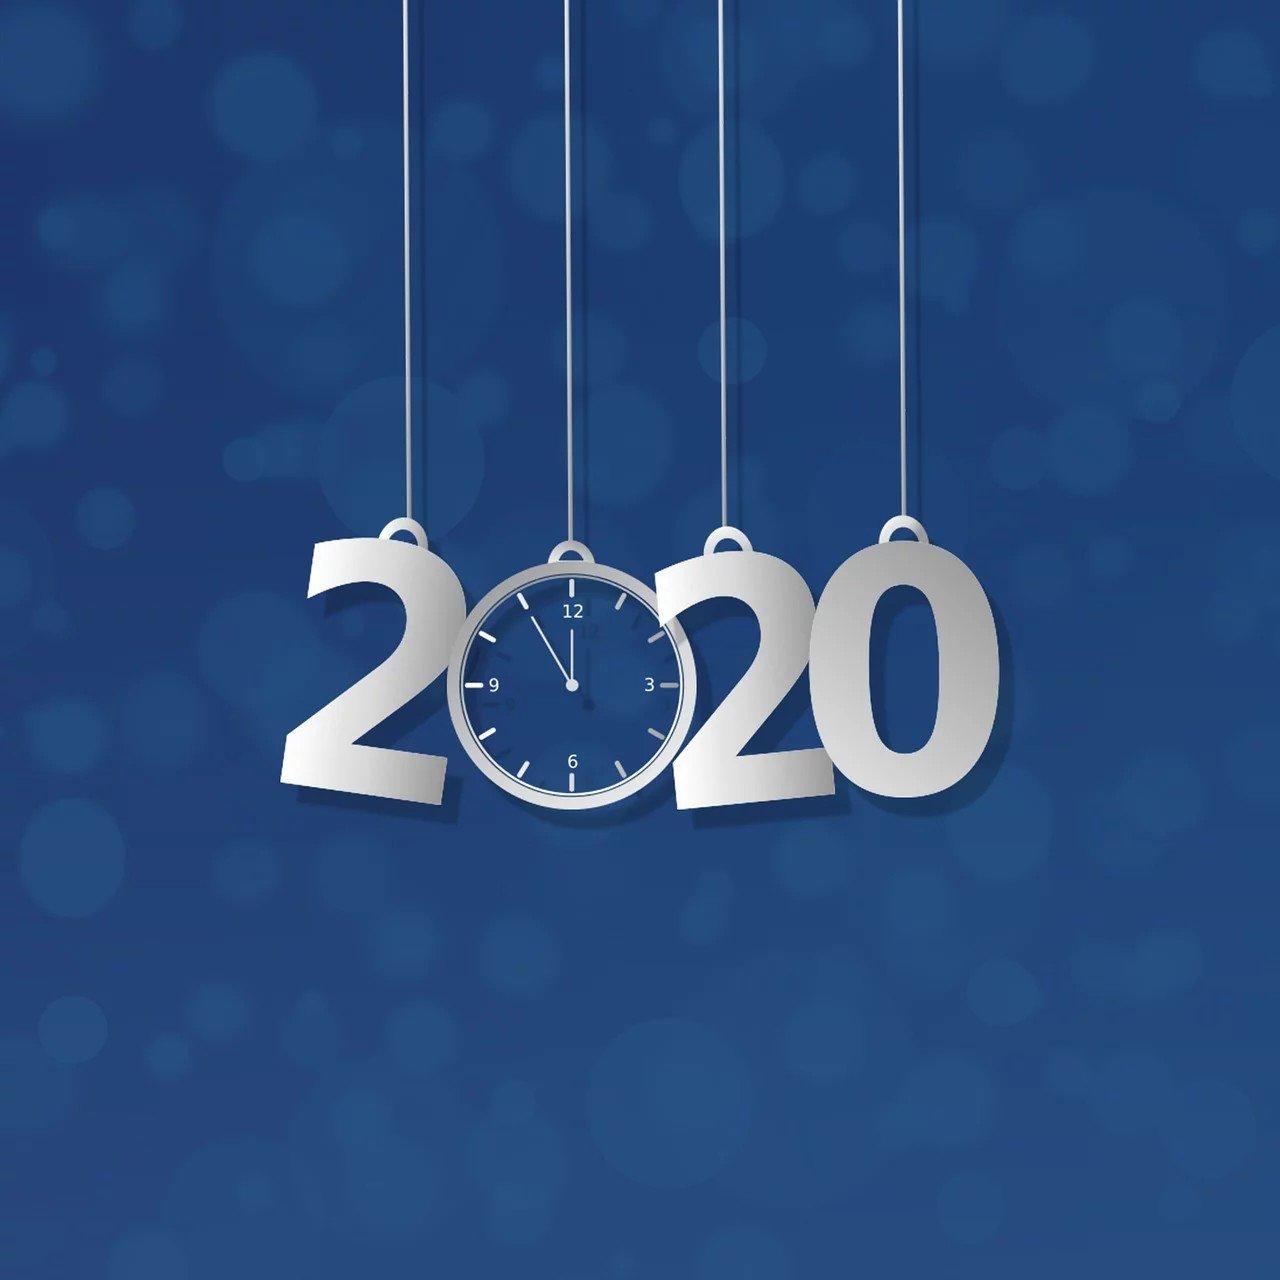 Il 2020, anno dalle molte coincidenze